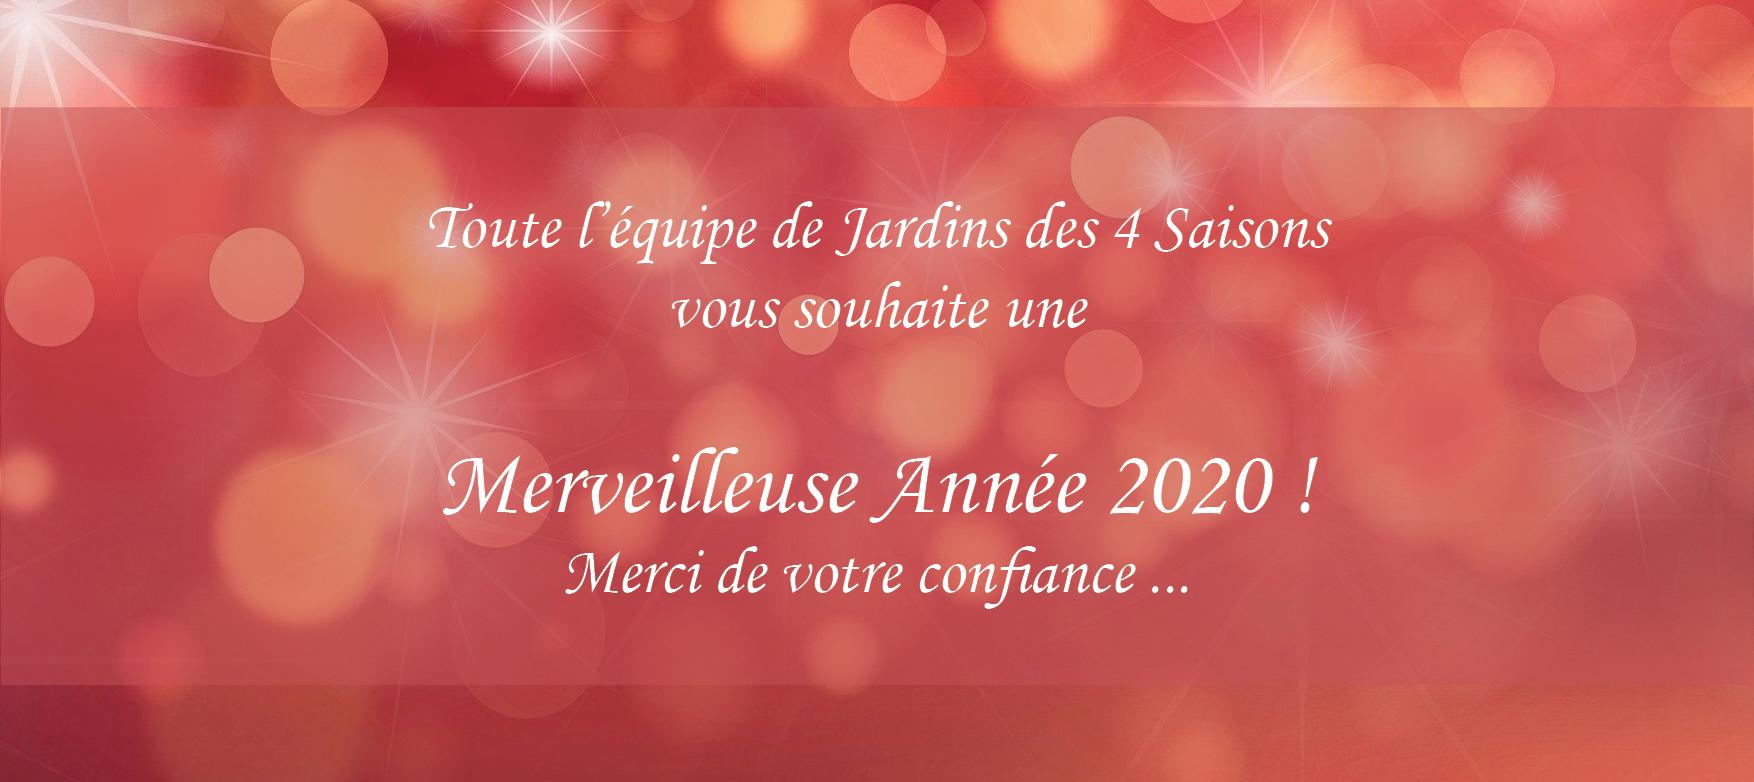 Merveilleuse Année 2020 ! Jardins des 4 Saisons, votre paysagite sur Guer, Ploërmel, Redon, Plélan-Le-Grand, Maure de Bretagne